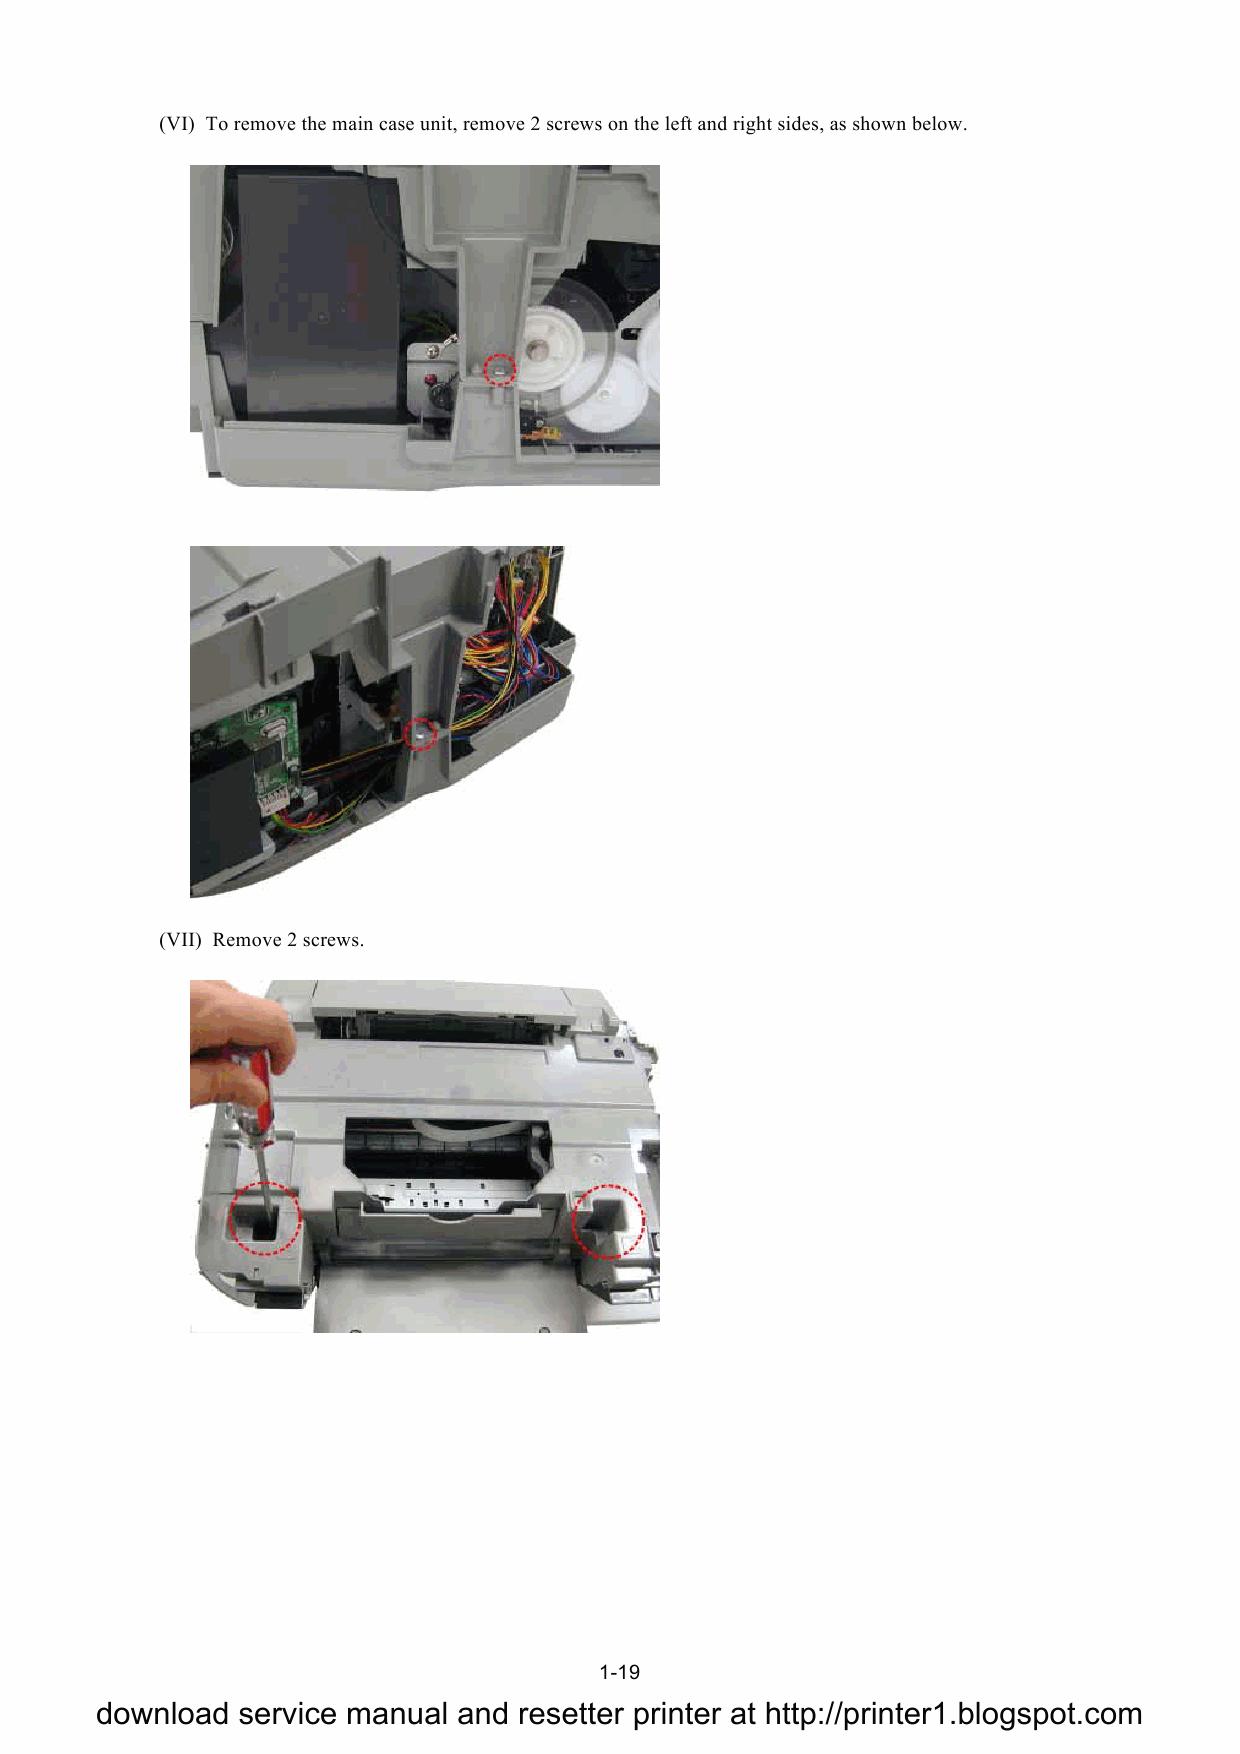 Canon PIXMA MP500 Service Manual-5